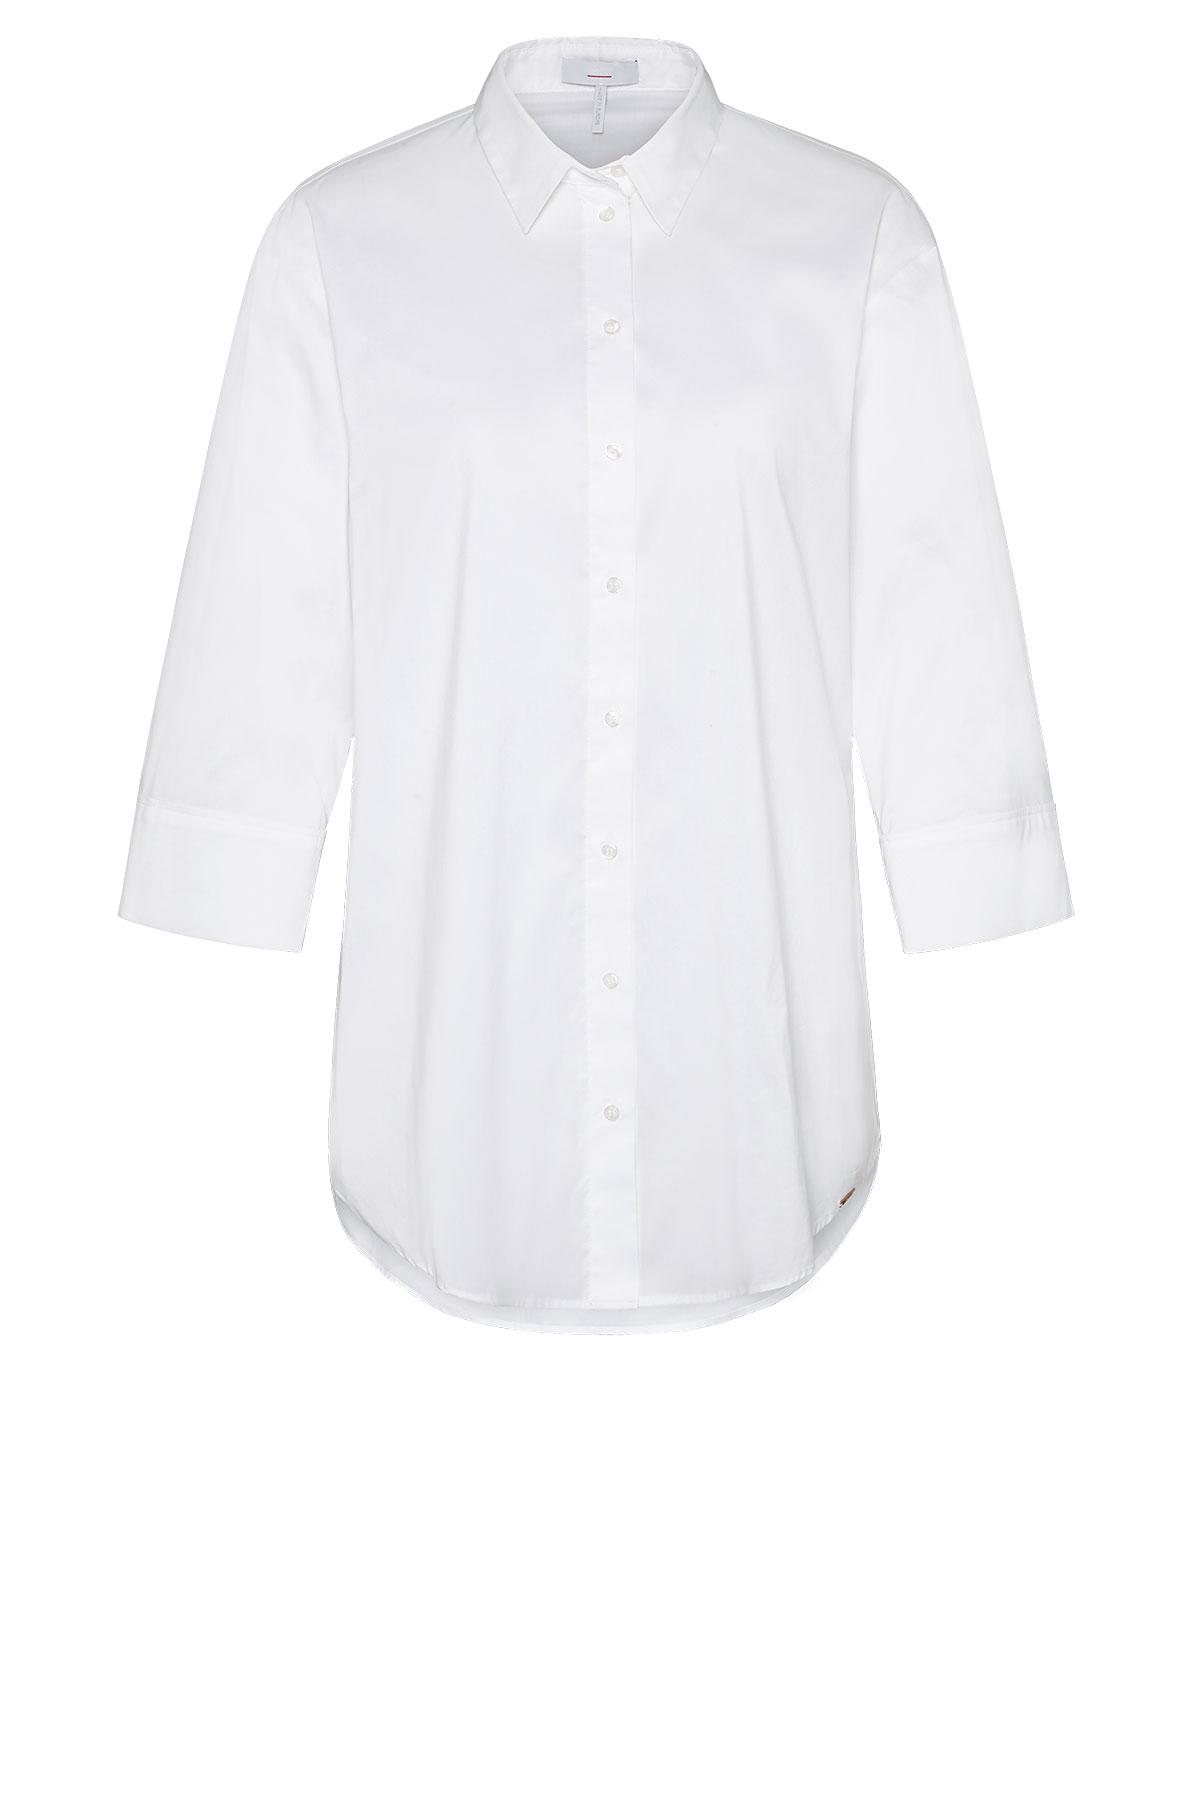 Cinque Bluse lang weiß